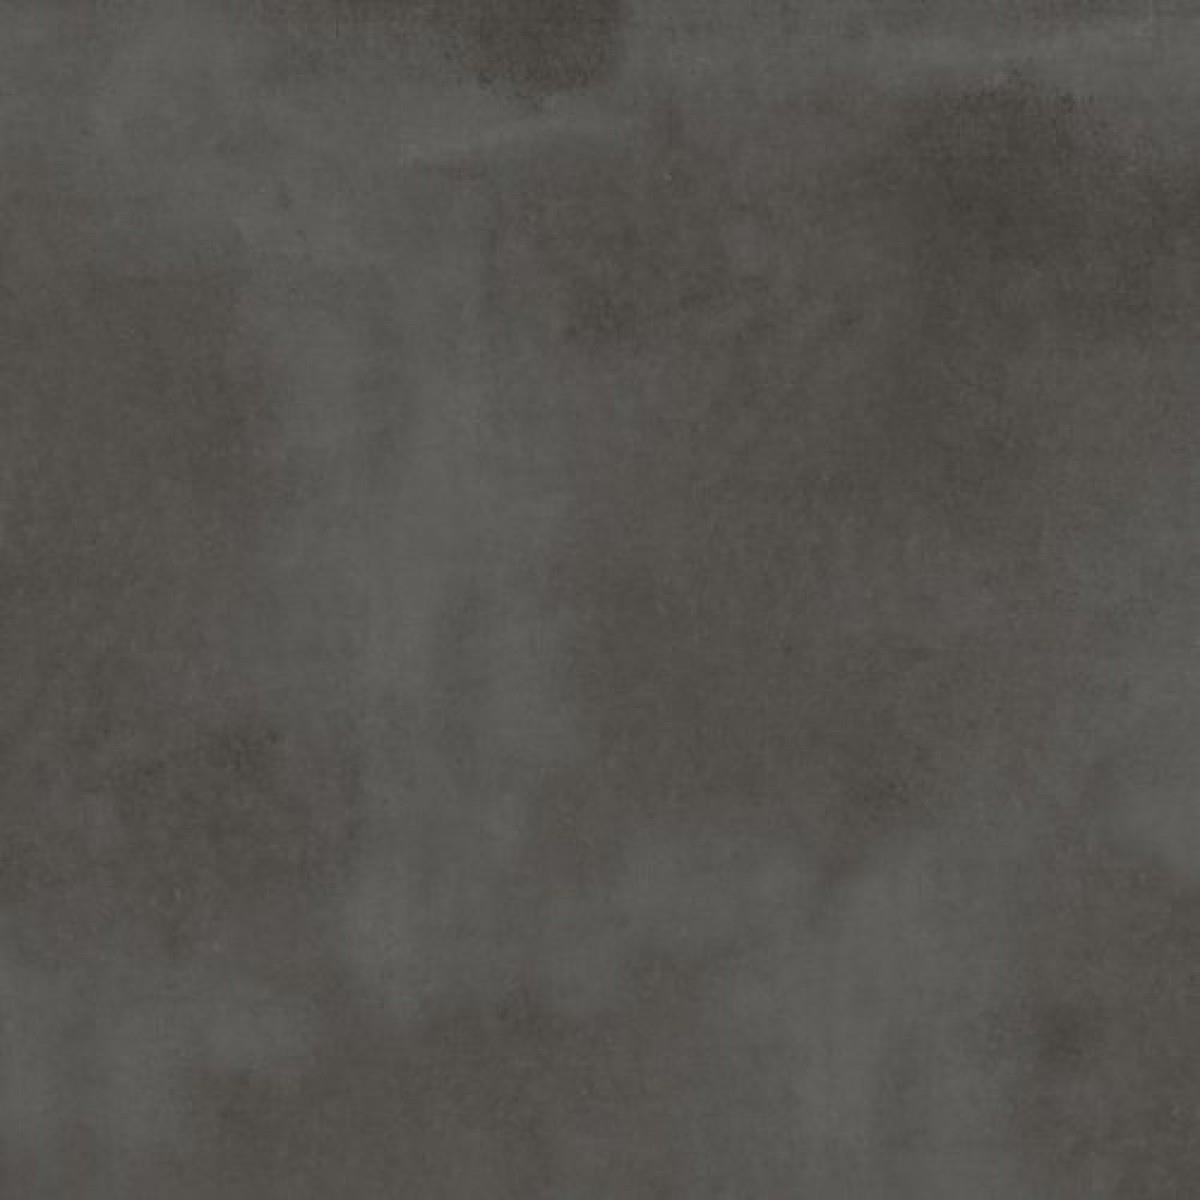 Płytka podłogowa Ceramika Limone Town Antracite 60x60x2cm limTowAnt60x60x2